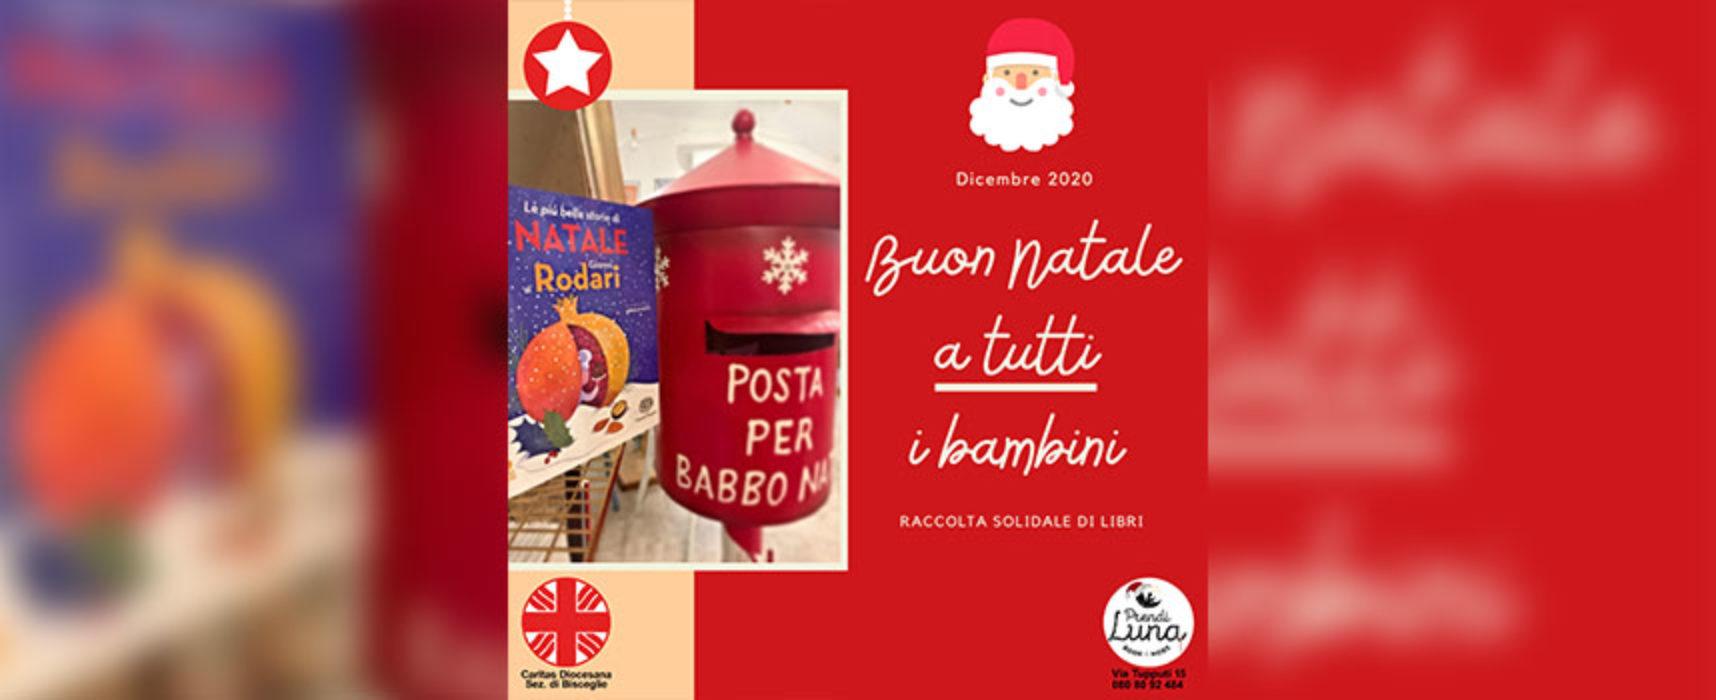 """""""Buon Natale a tutti i bambini"""", al via iniziativa solidale per famiglie in difficoltà"""